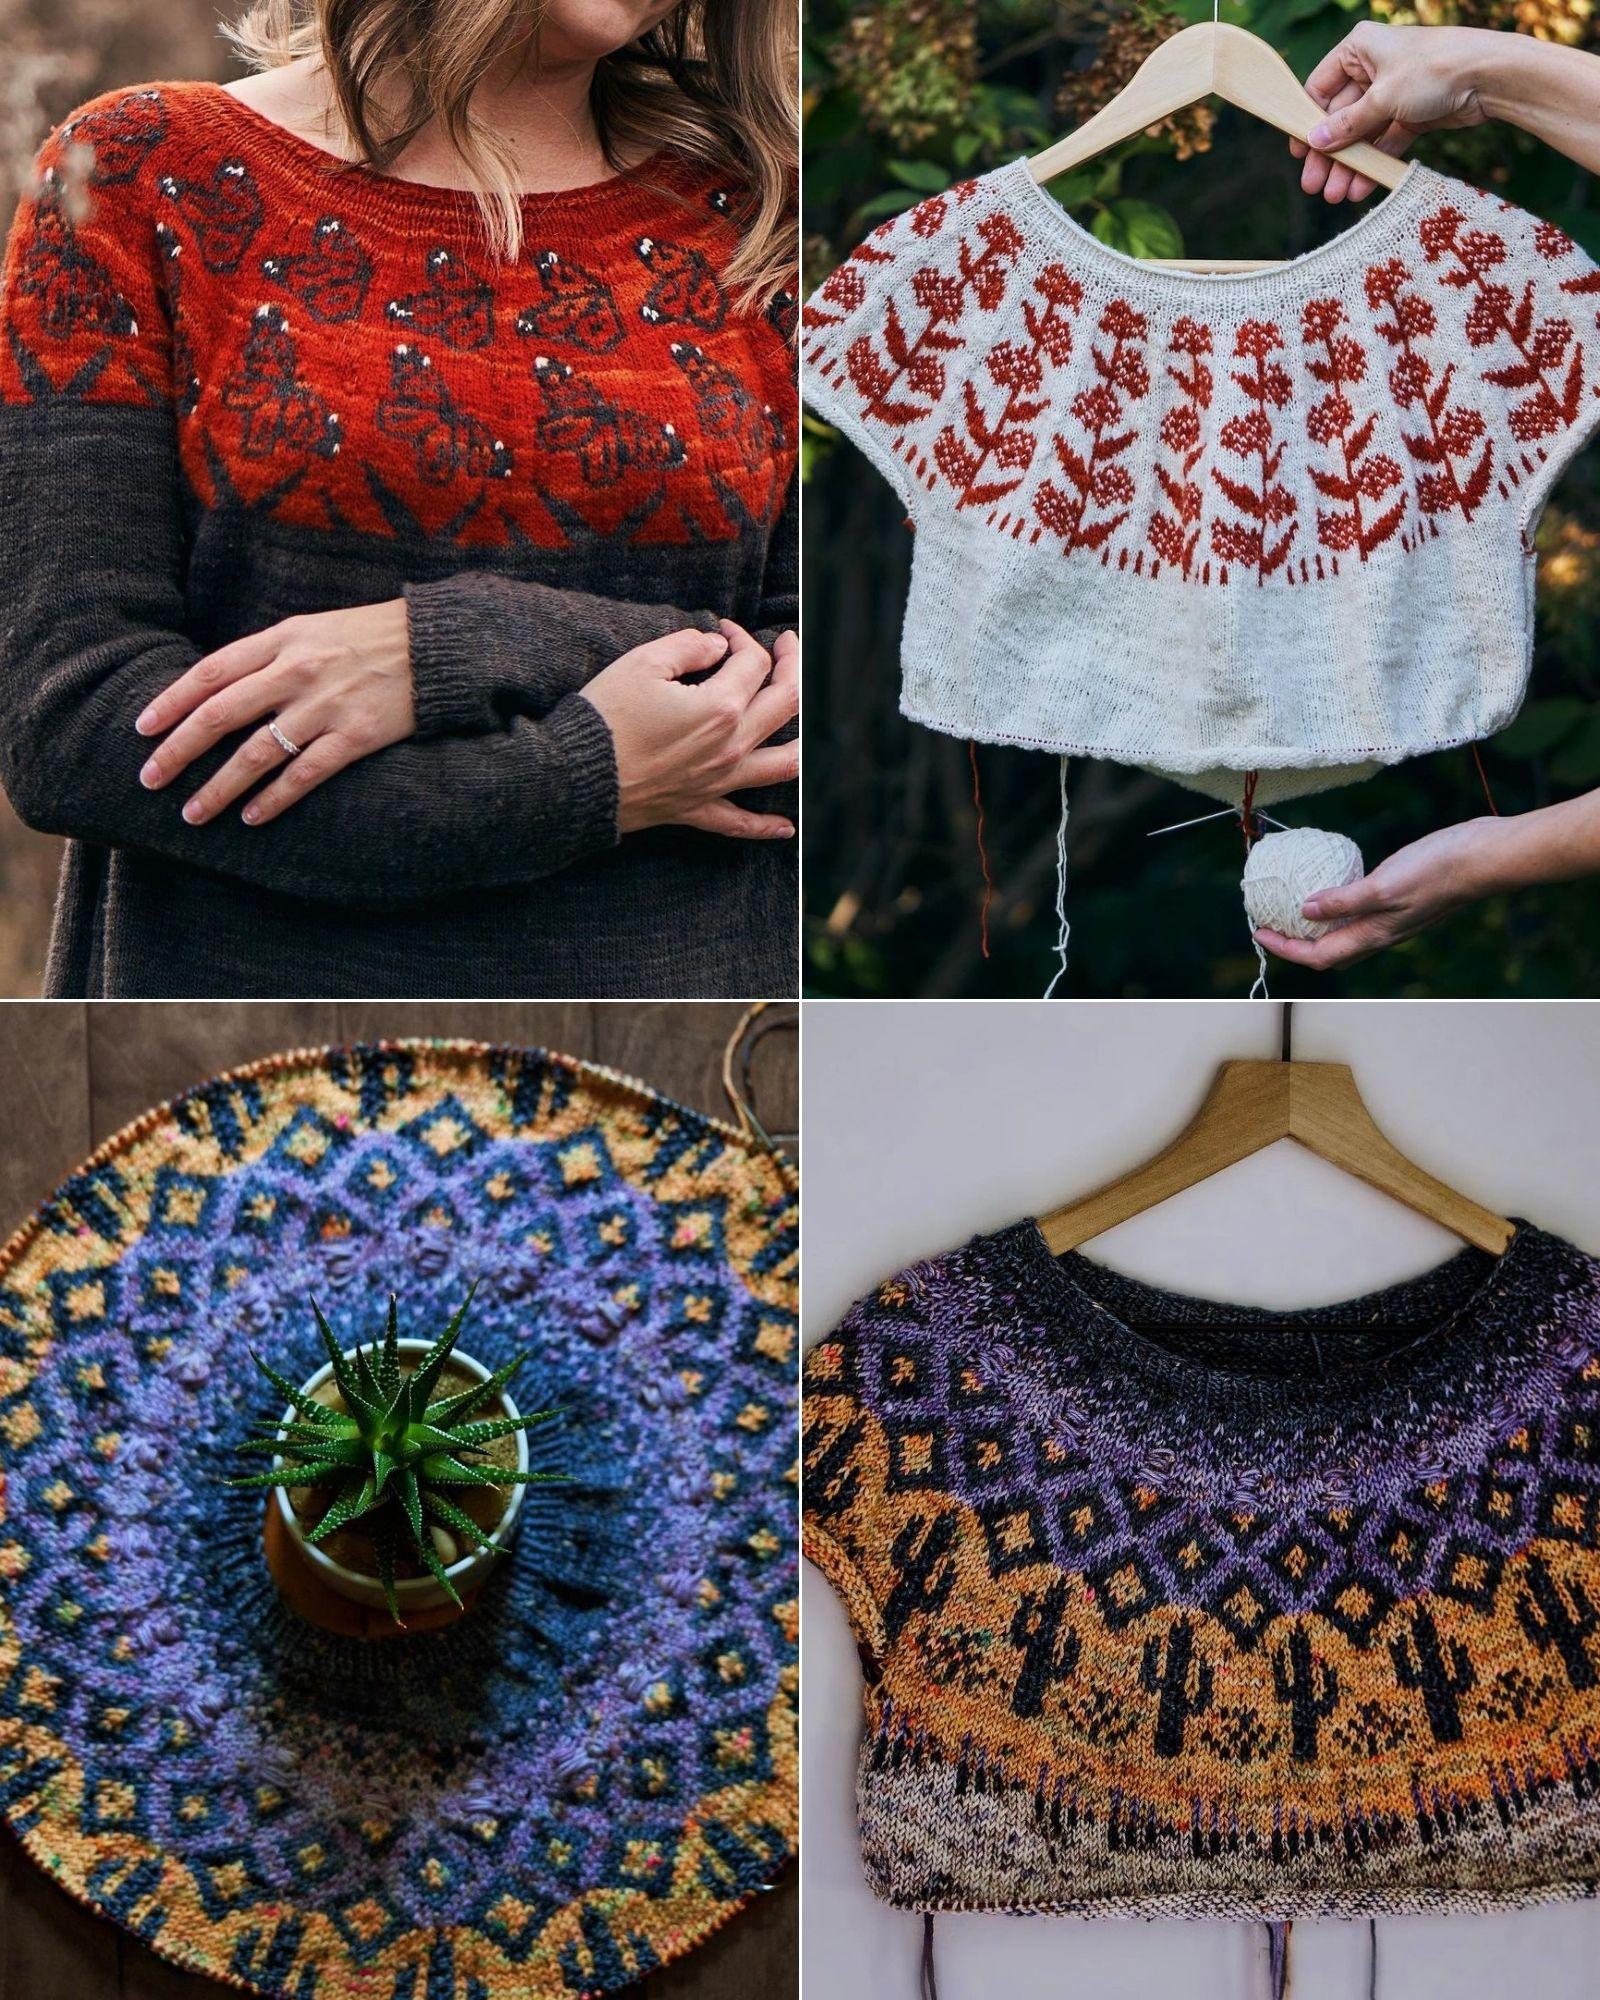 Tài khoản Instagram @knitsophy truyền cảm hứng đan len